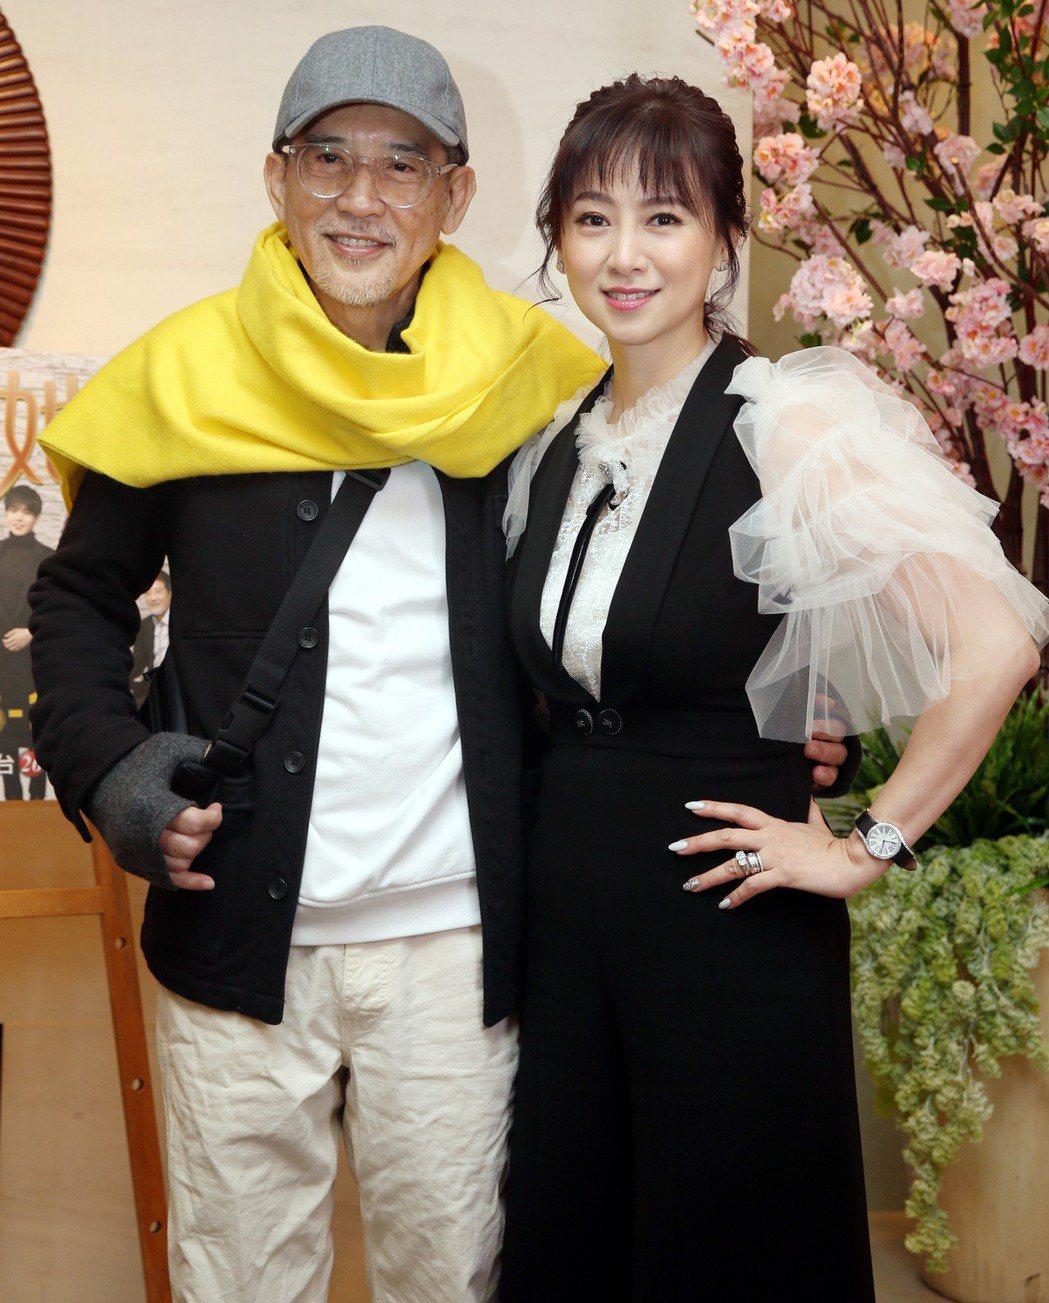 久未在台灣螢光幕前露臉的秦漢(左)與翁虹,同框宣傳新戲。記者侯永全/攝影